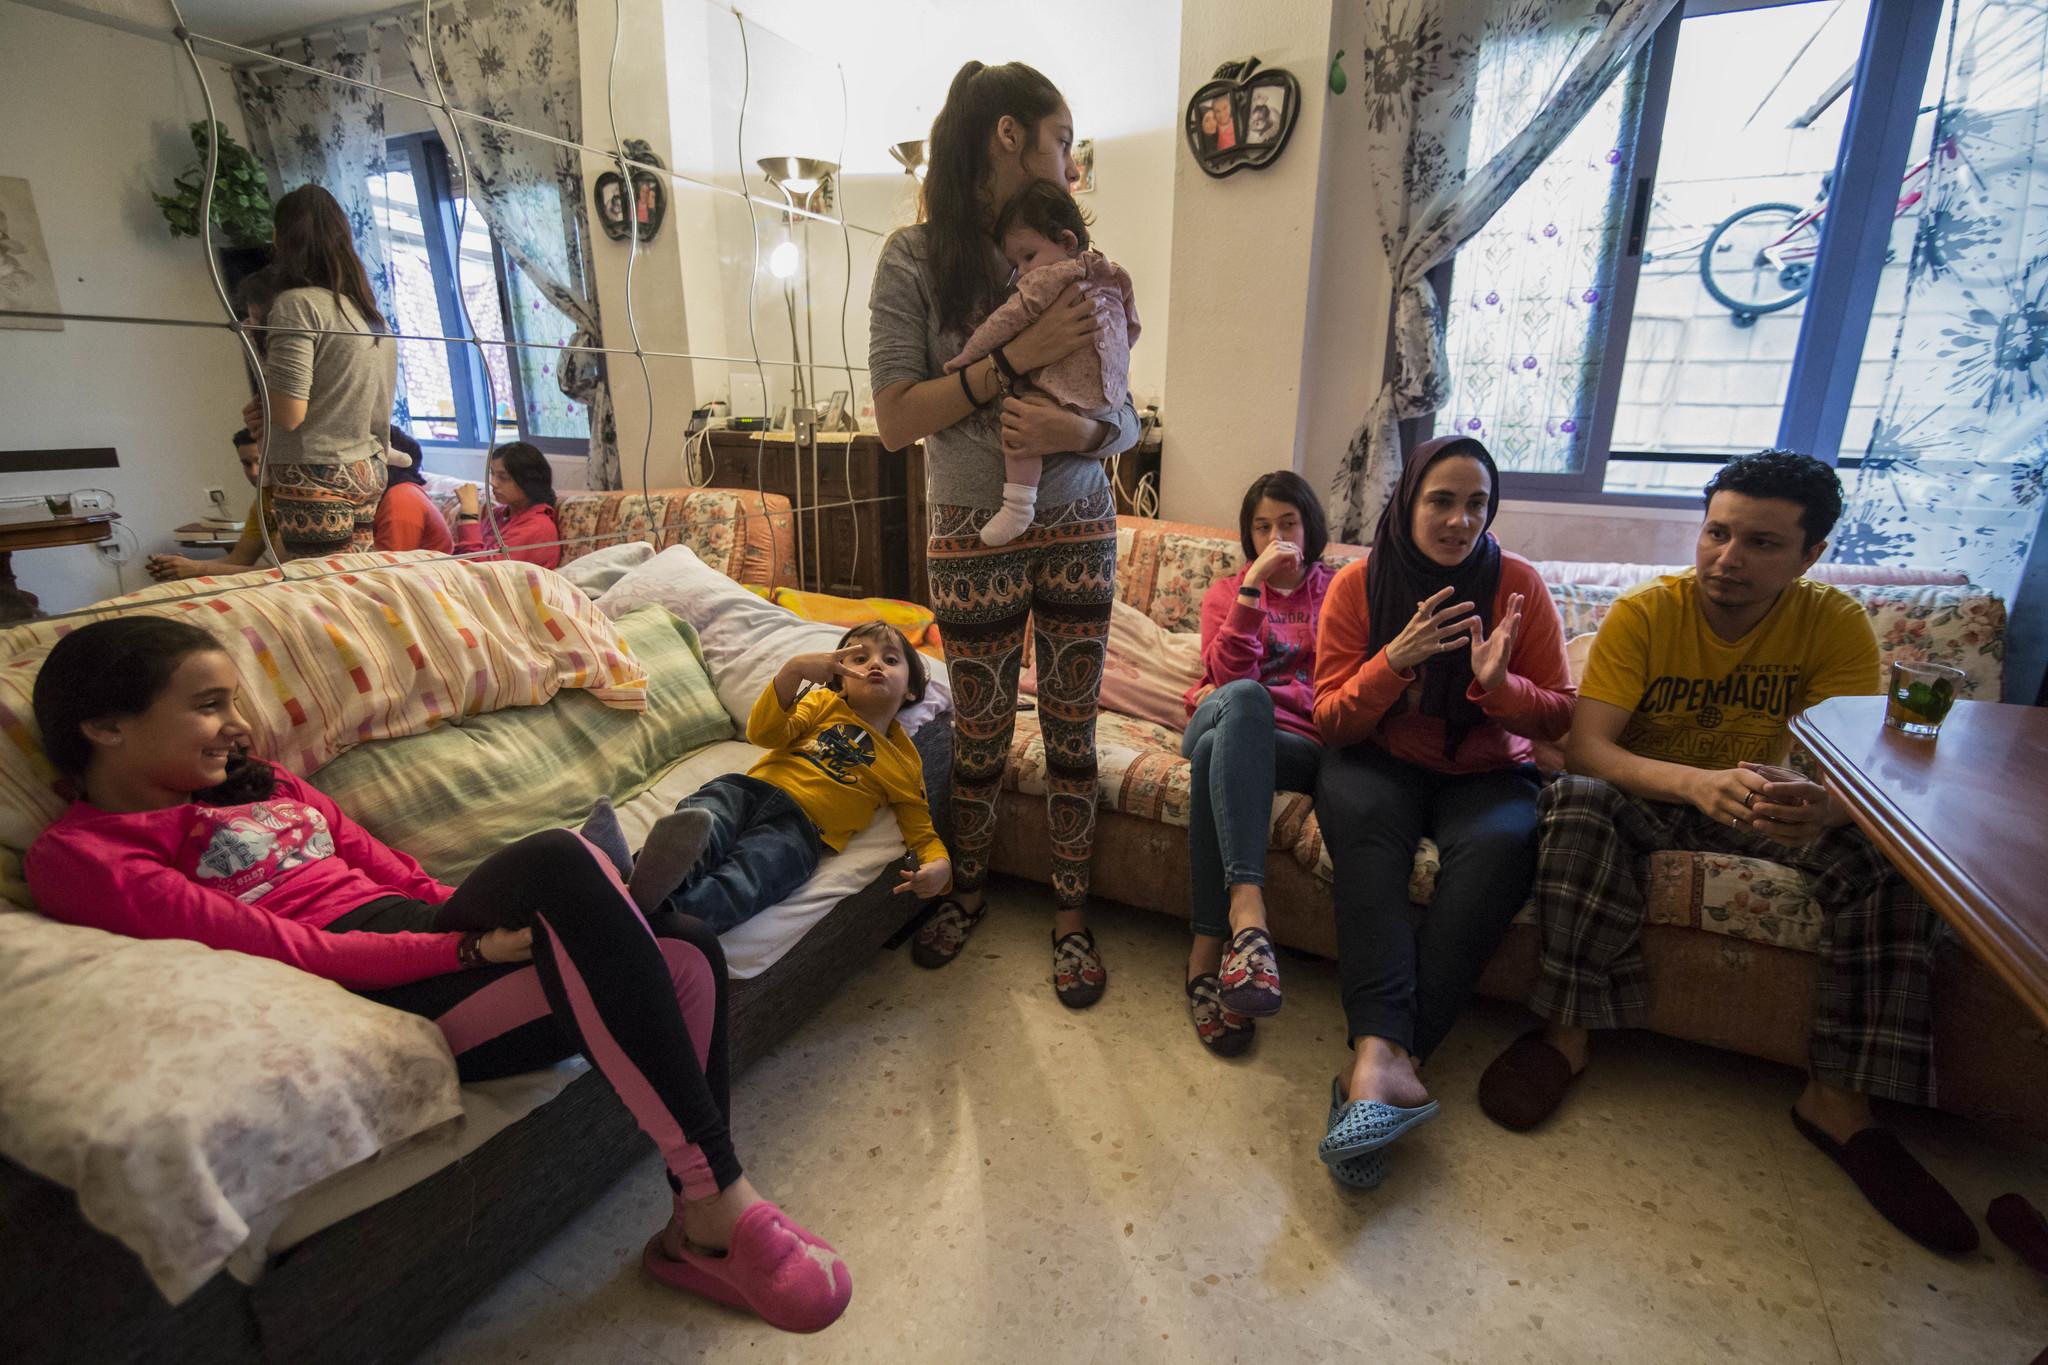 Deborah, en su casa con cinco de sus hijos y su marido, Issam.